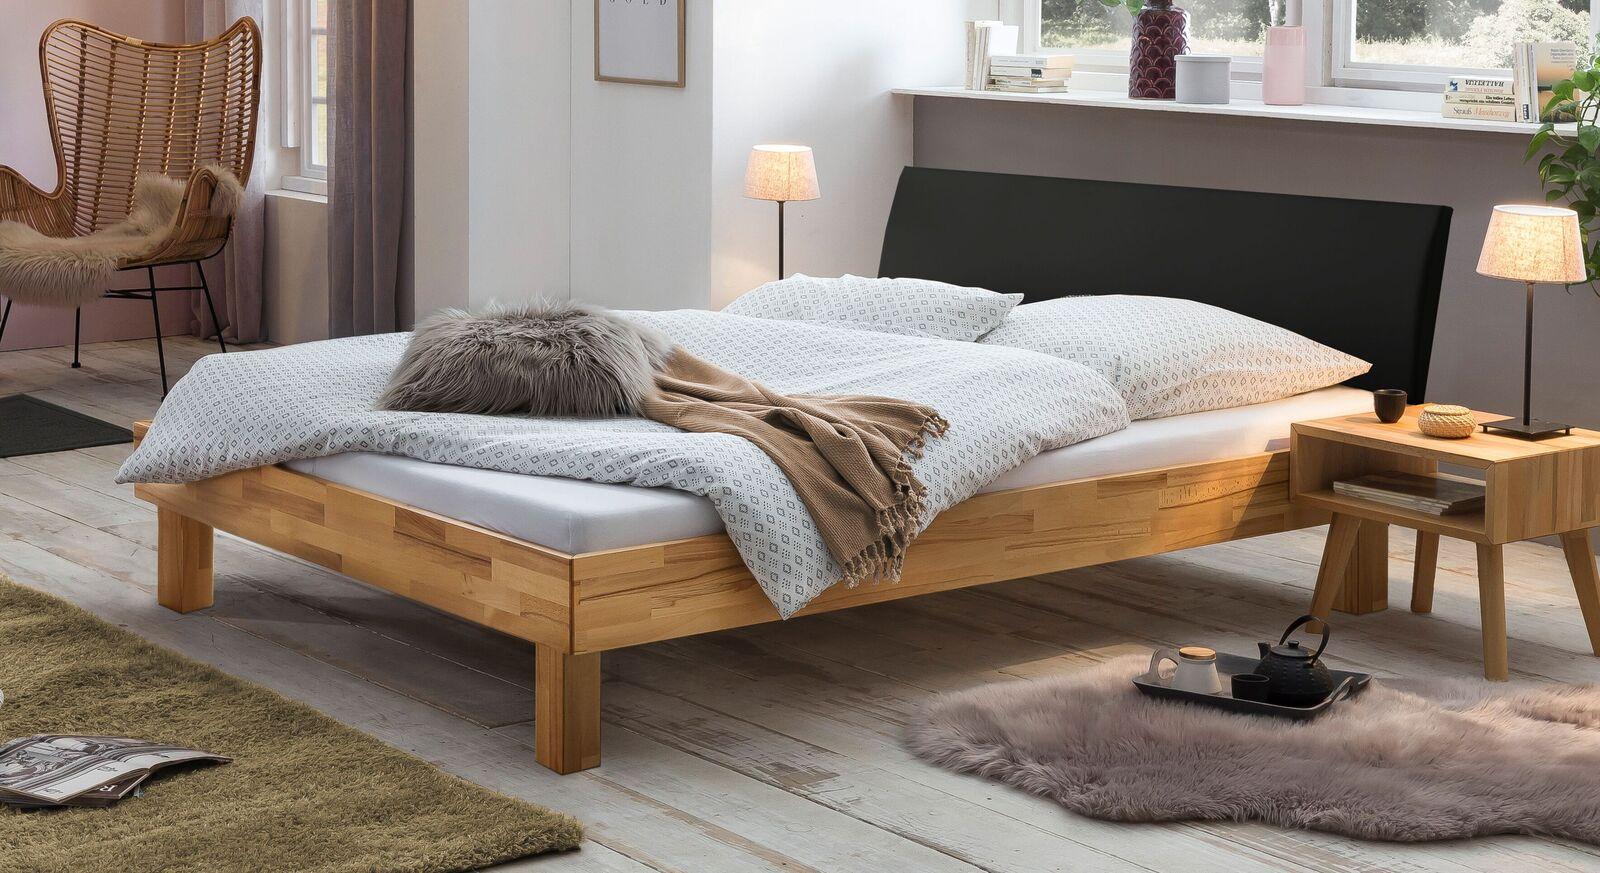 Bett Amsden aus Kernbuchenholz